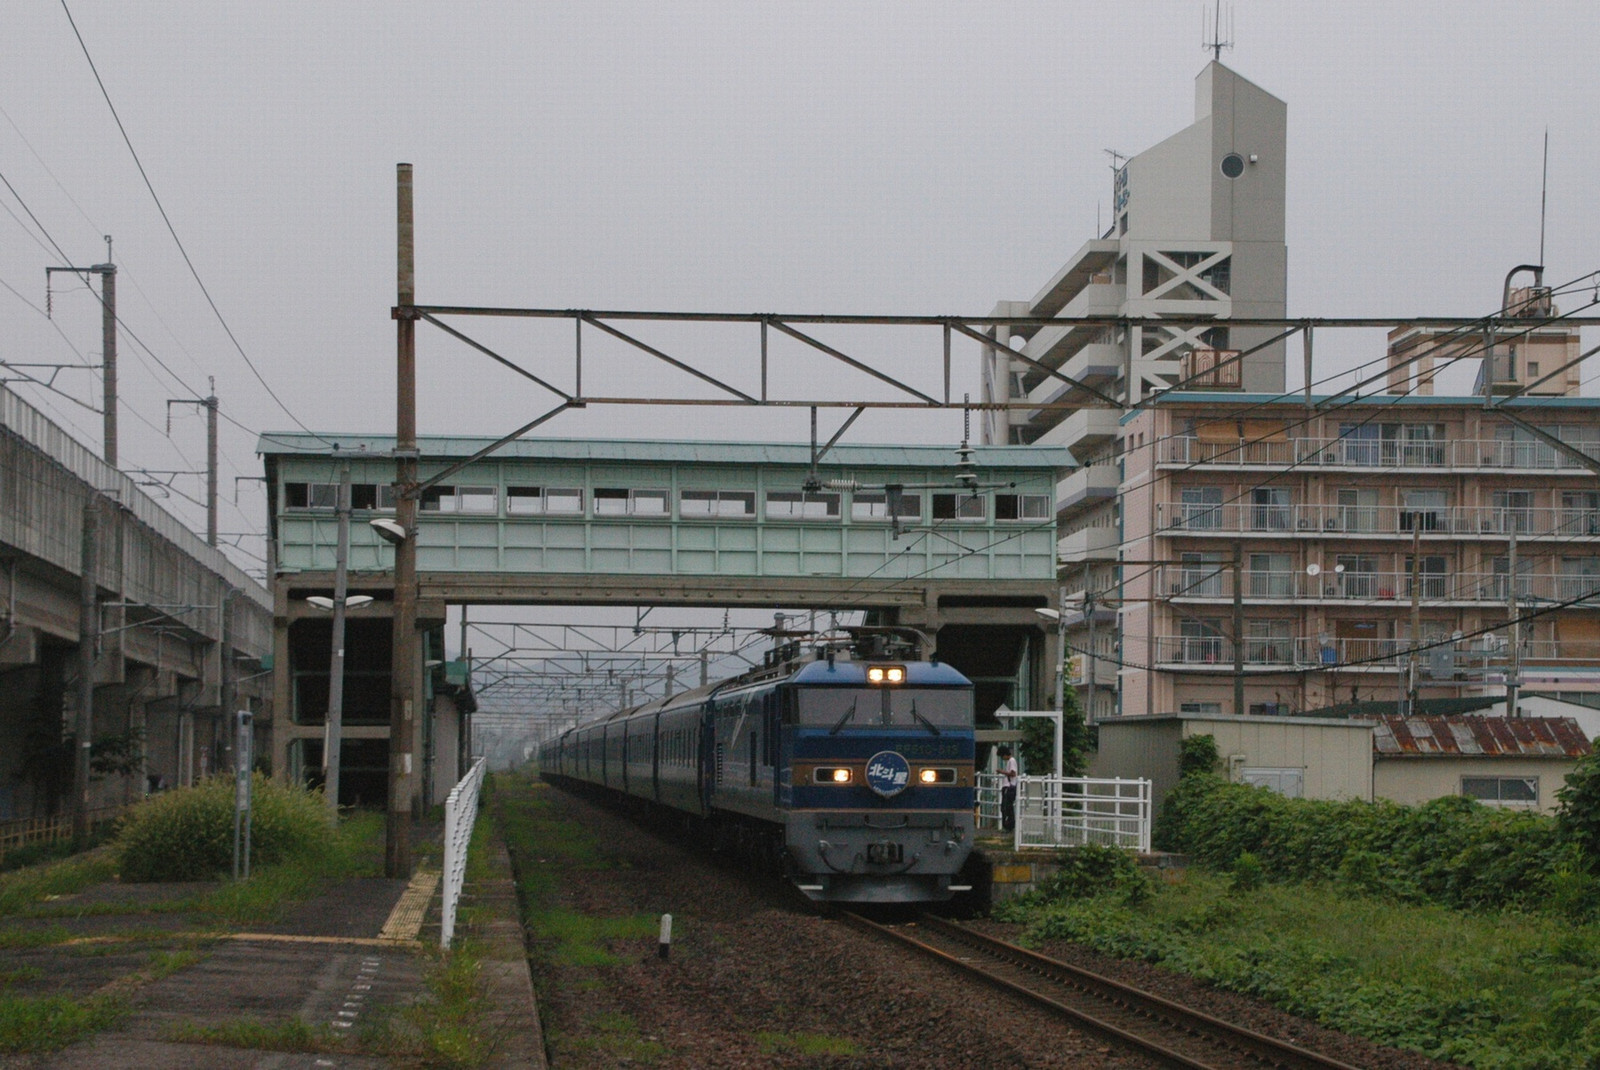 Dsc_4395